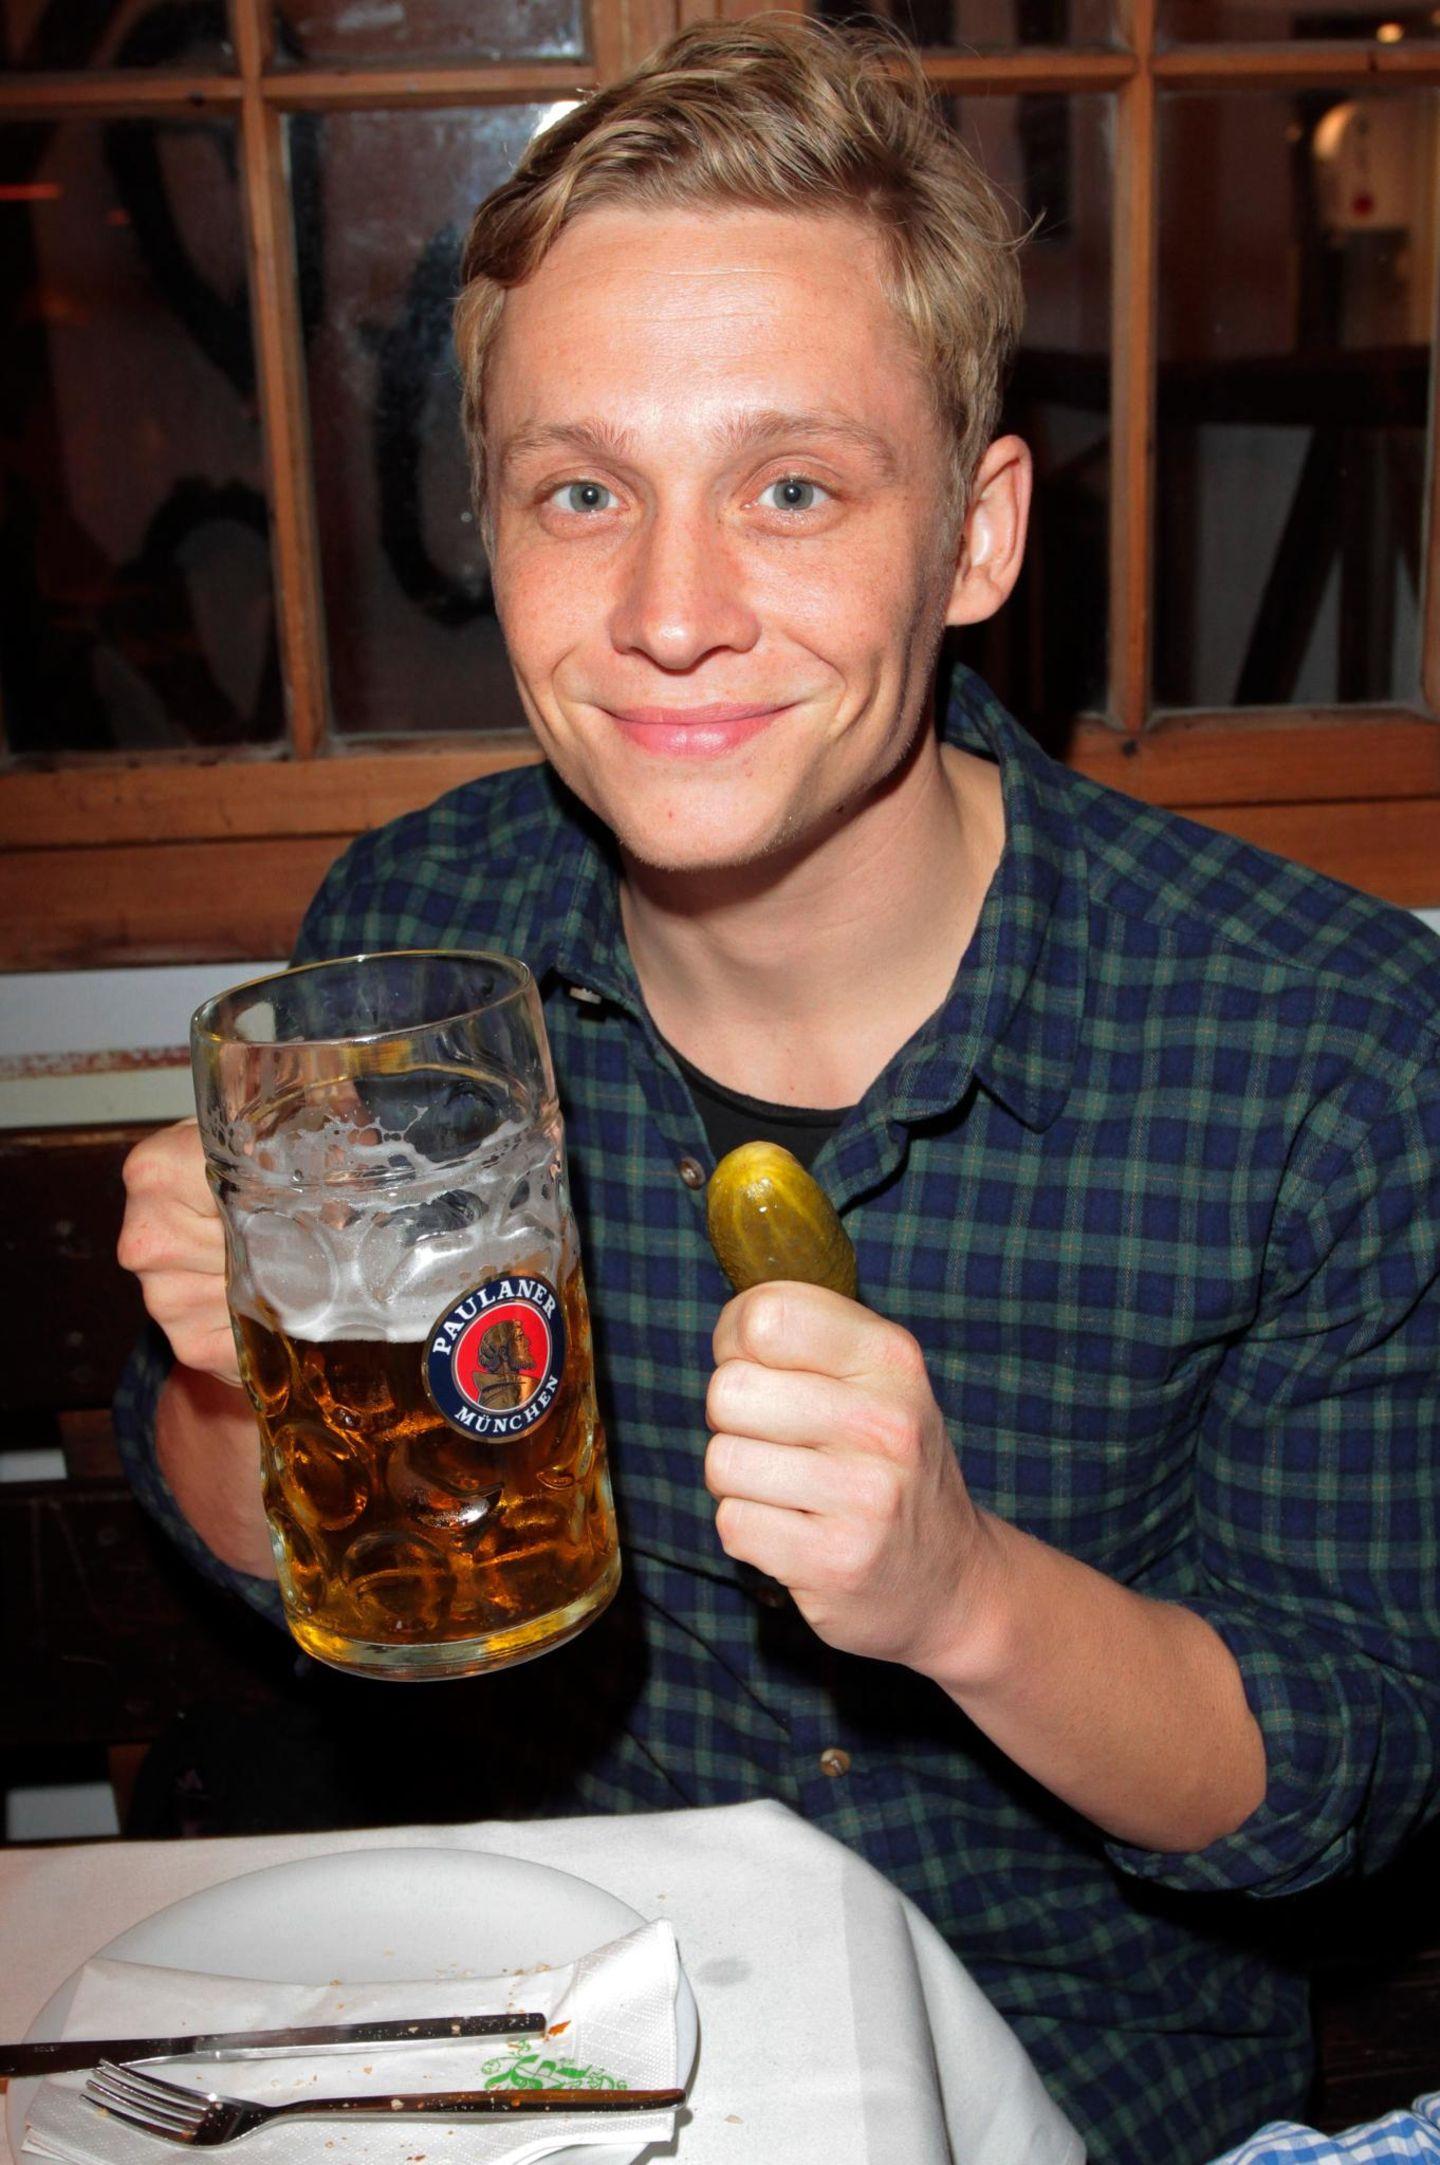 Matthias Schweighöfer lässt sich's im Festzelt Käfer's Wies'n Schänke schmecken.